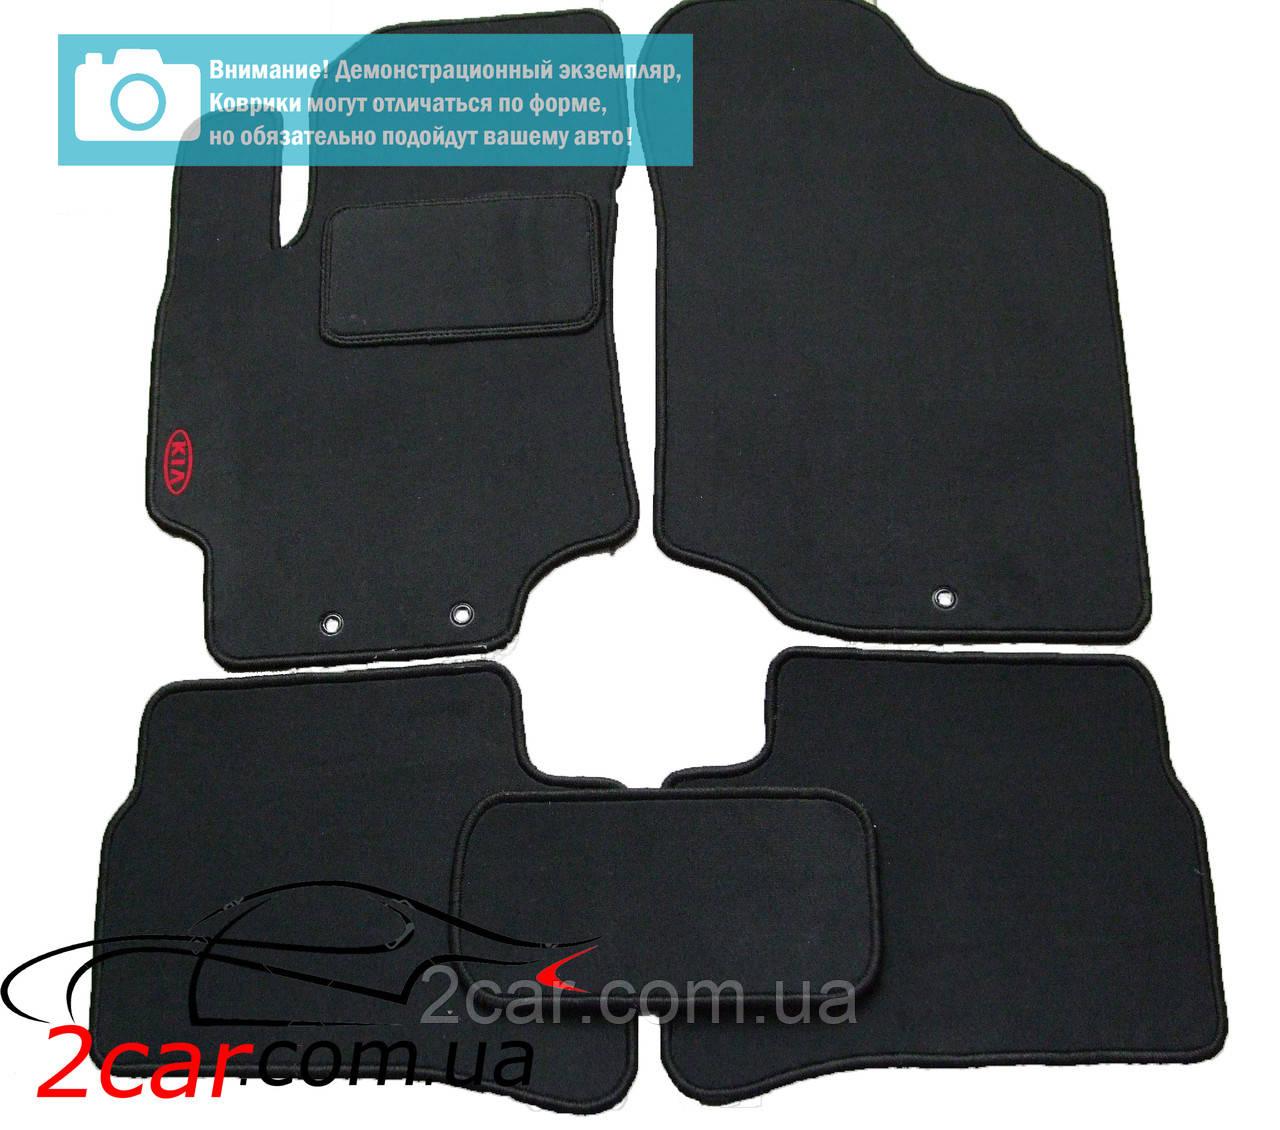 Текстильные коврики в салон для Kia Cerato Koup (2013-) (чёрный) (Stin